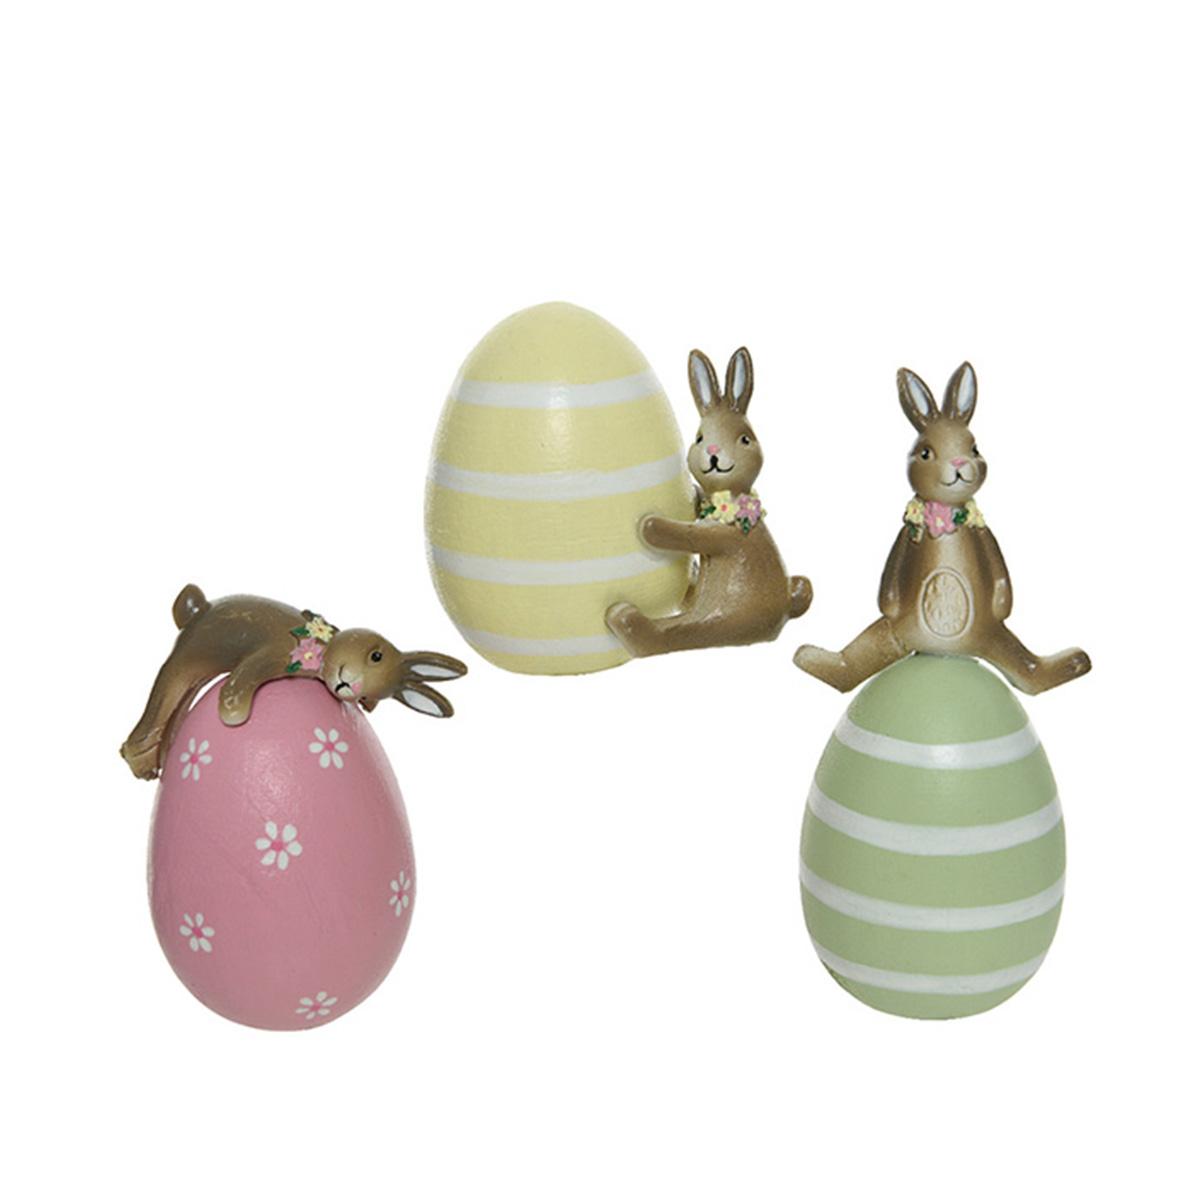 Drvena uskršnja jaja 862050